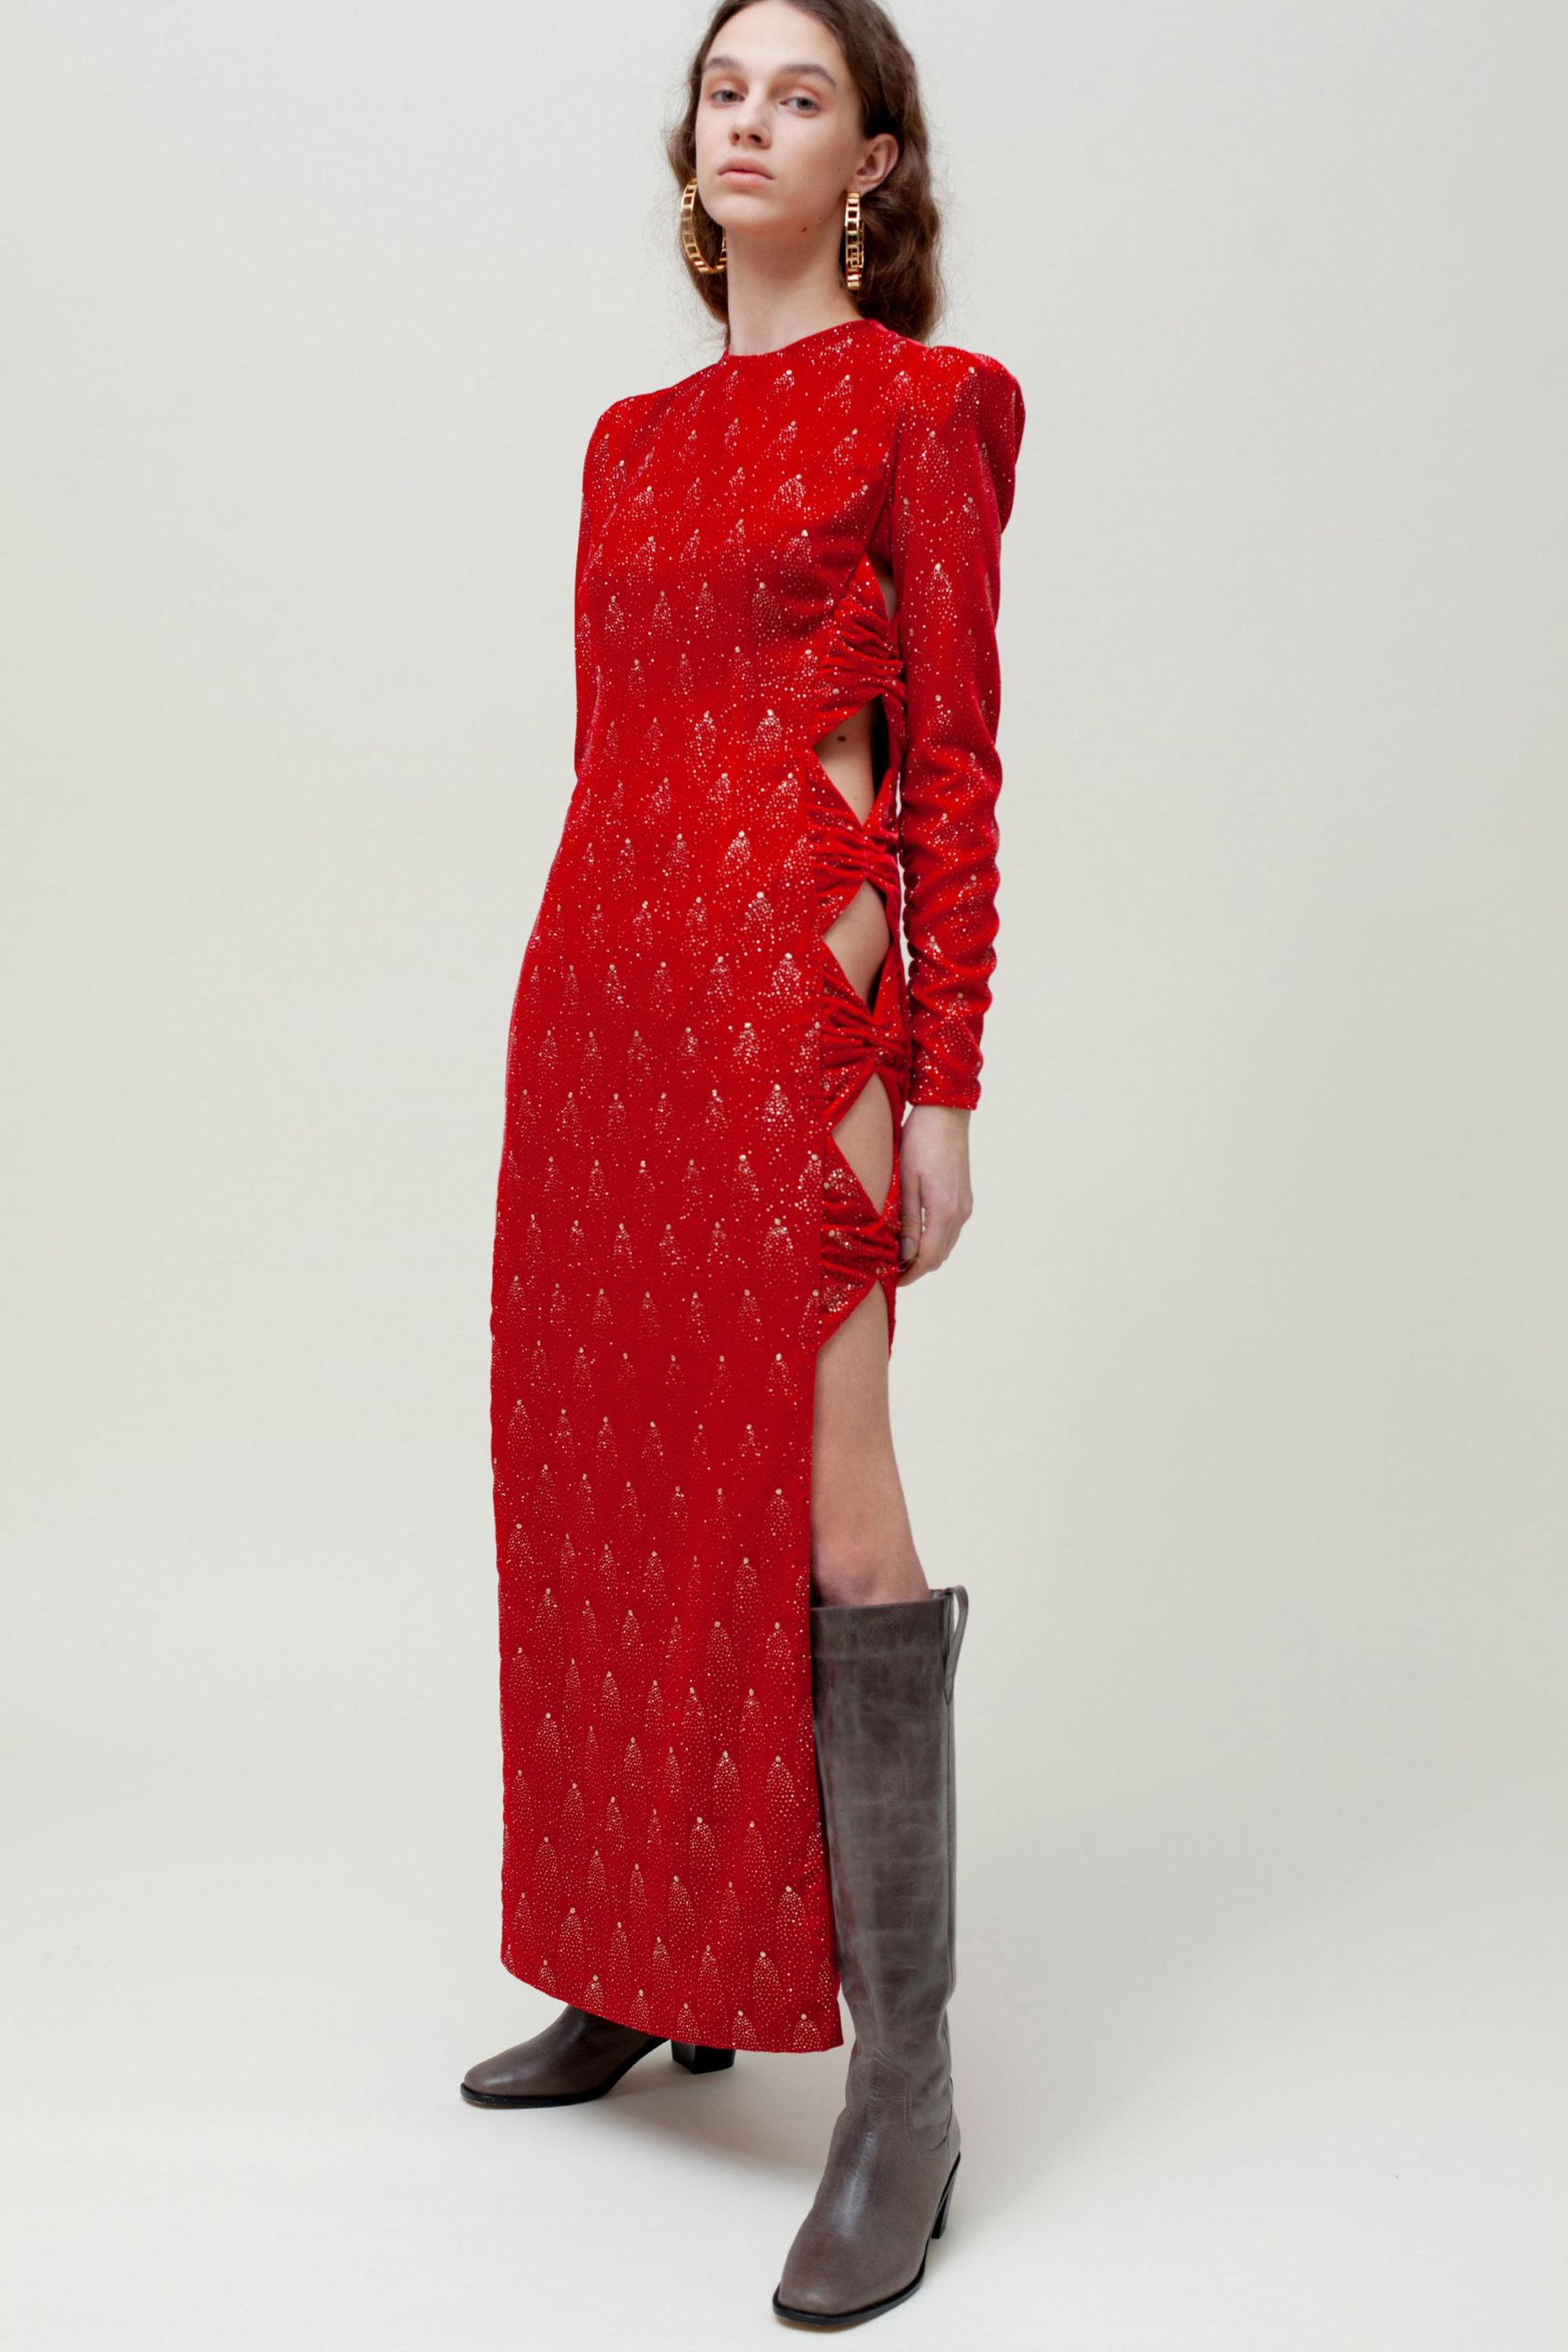 Платье с вырезом от Sandra Mansour модель 2021 года